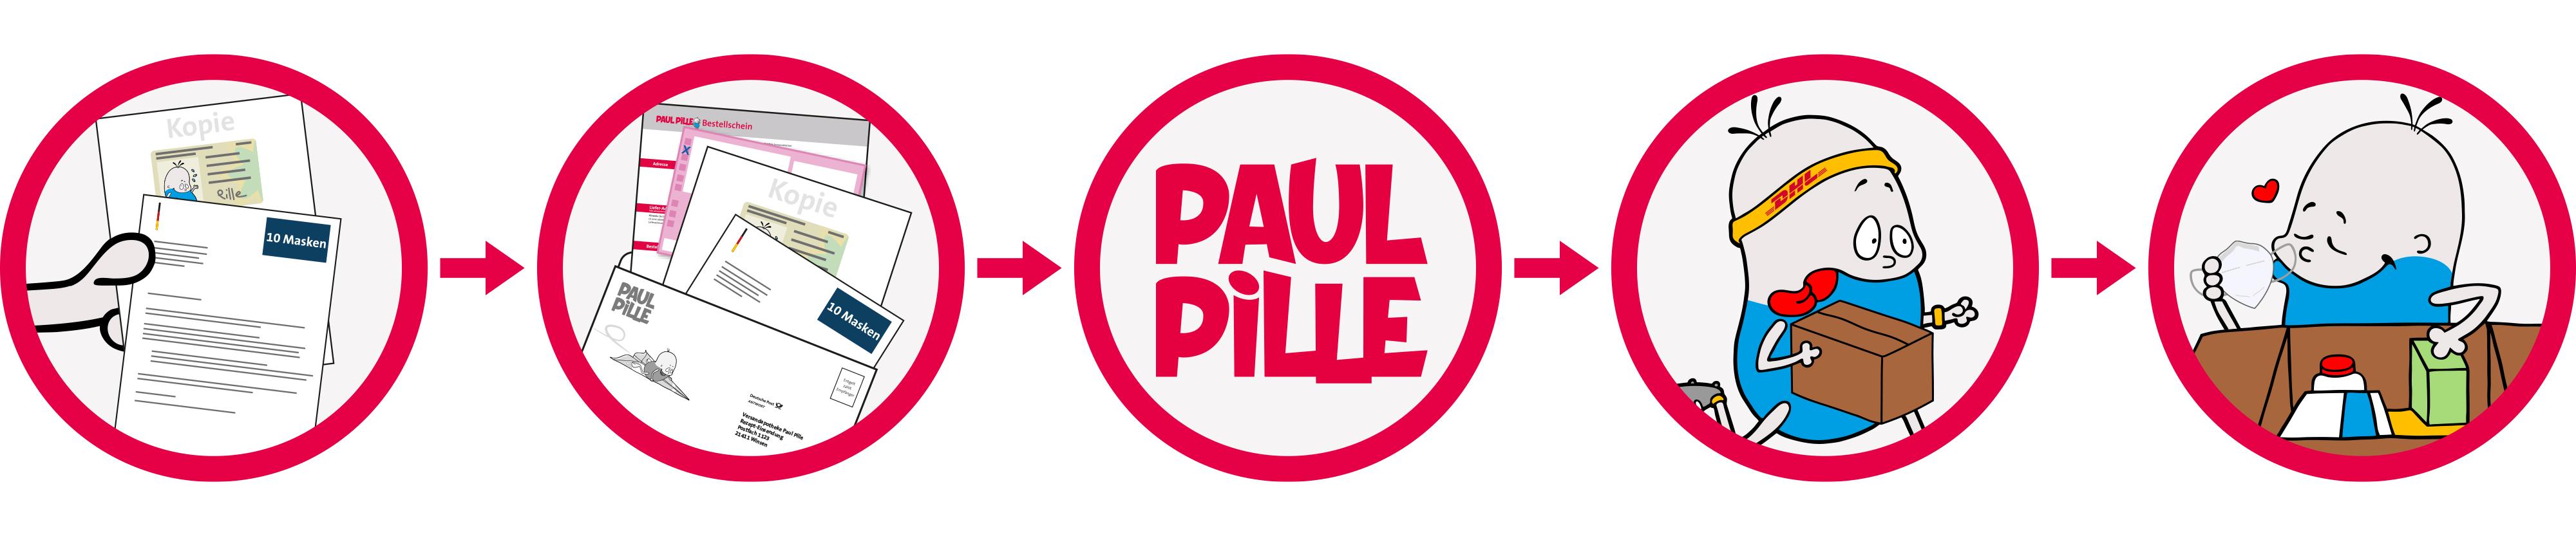 Paul Pille - Ablauf Berechtigungsschreiben